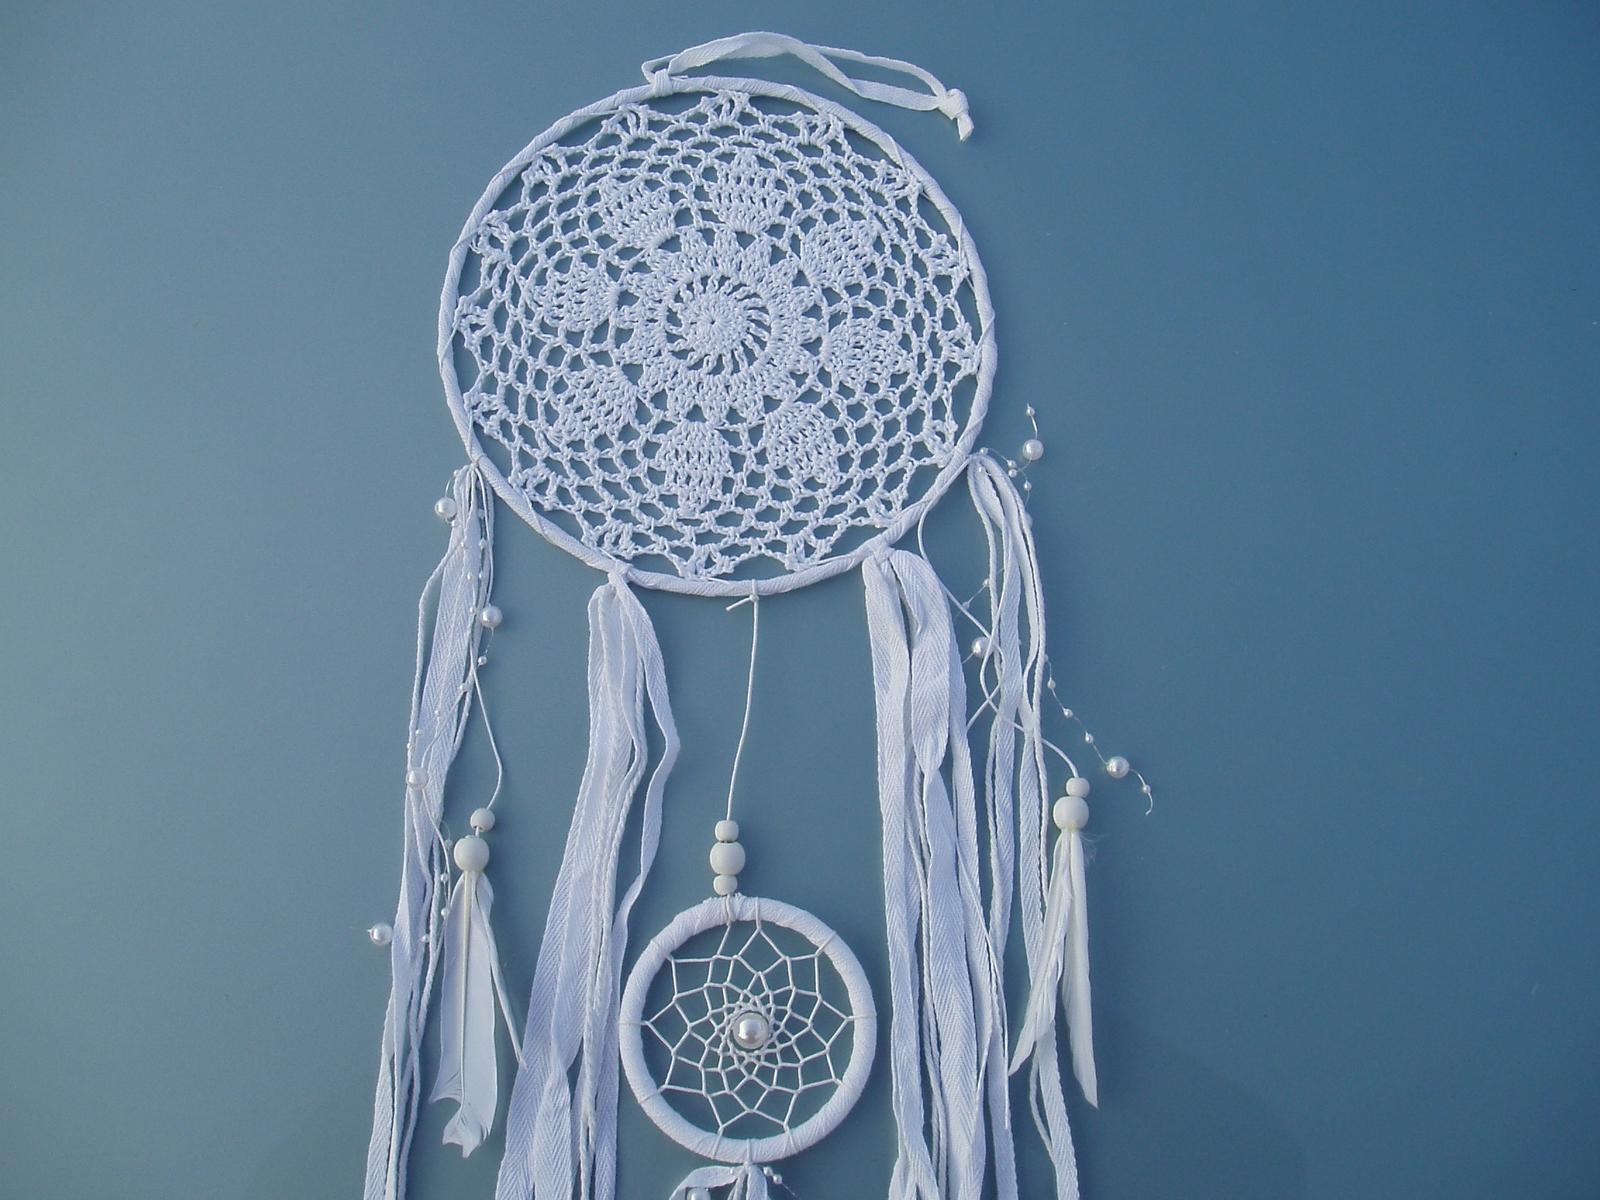 Svatební dekorace - Lapač snů bílý